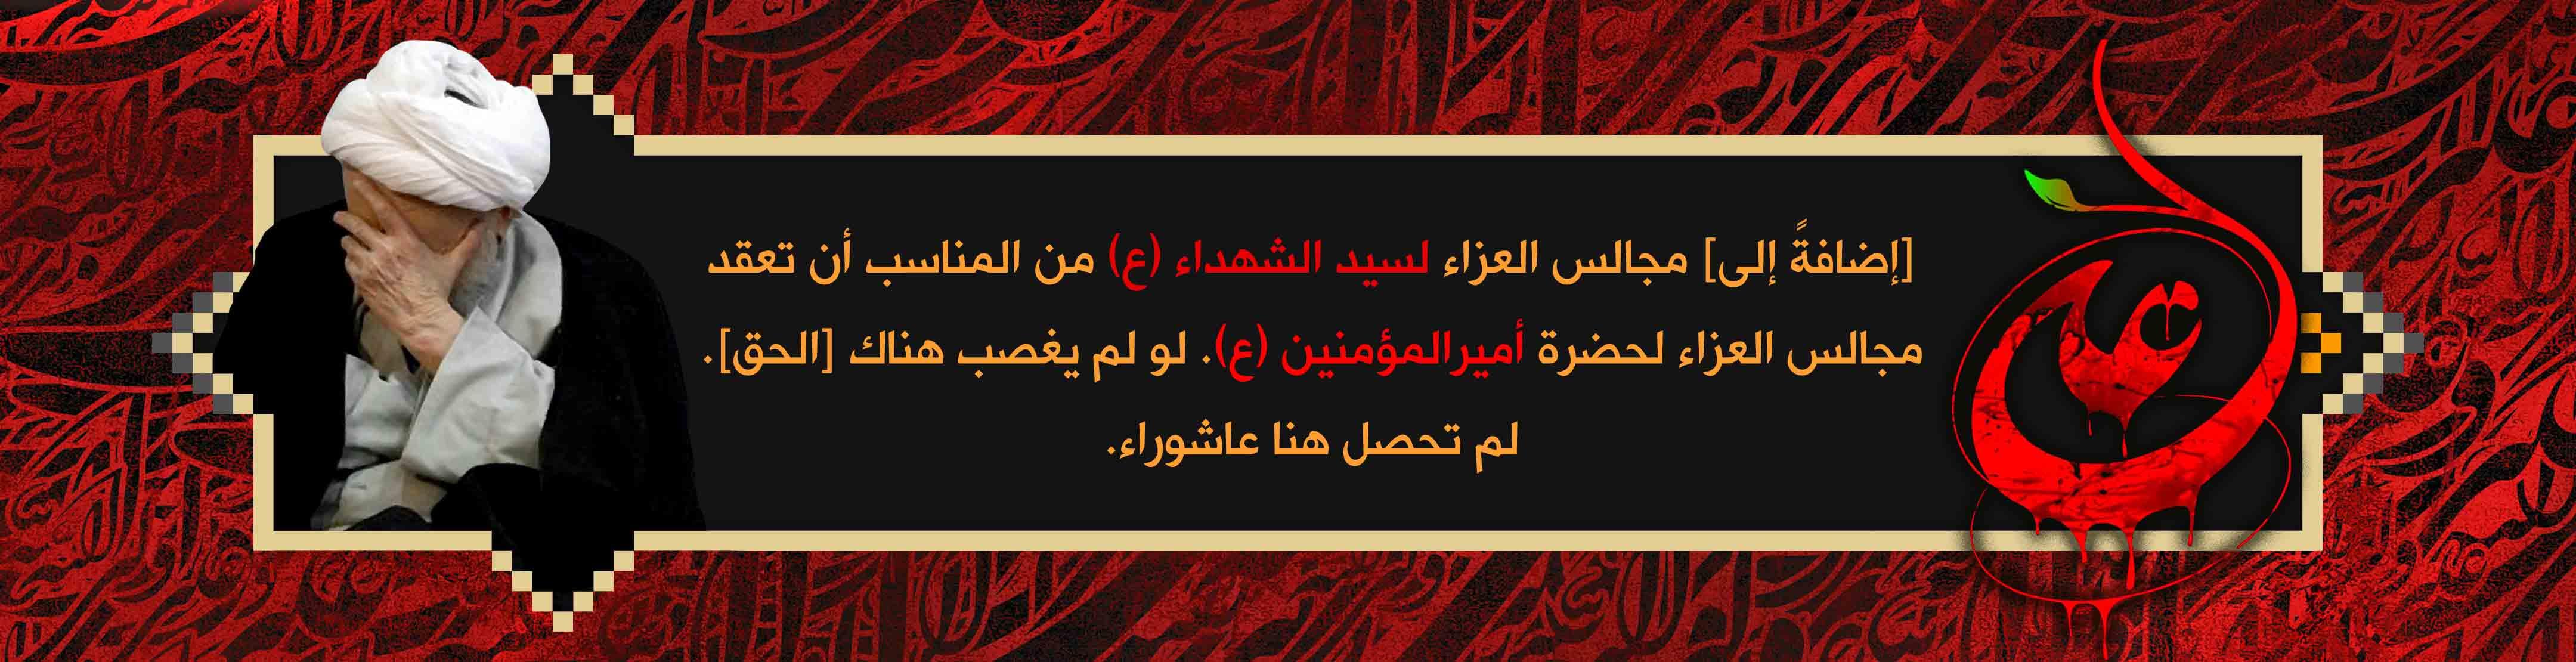 شهادة أميرالمؤمنين (عليه السلام)